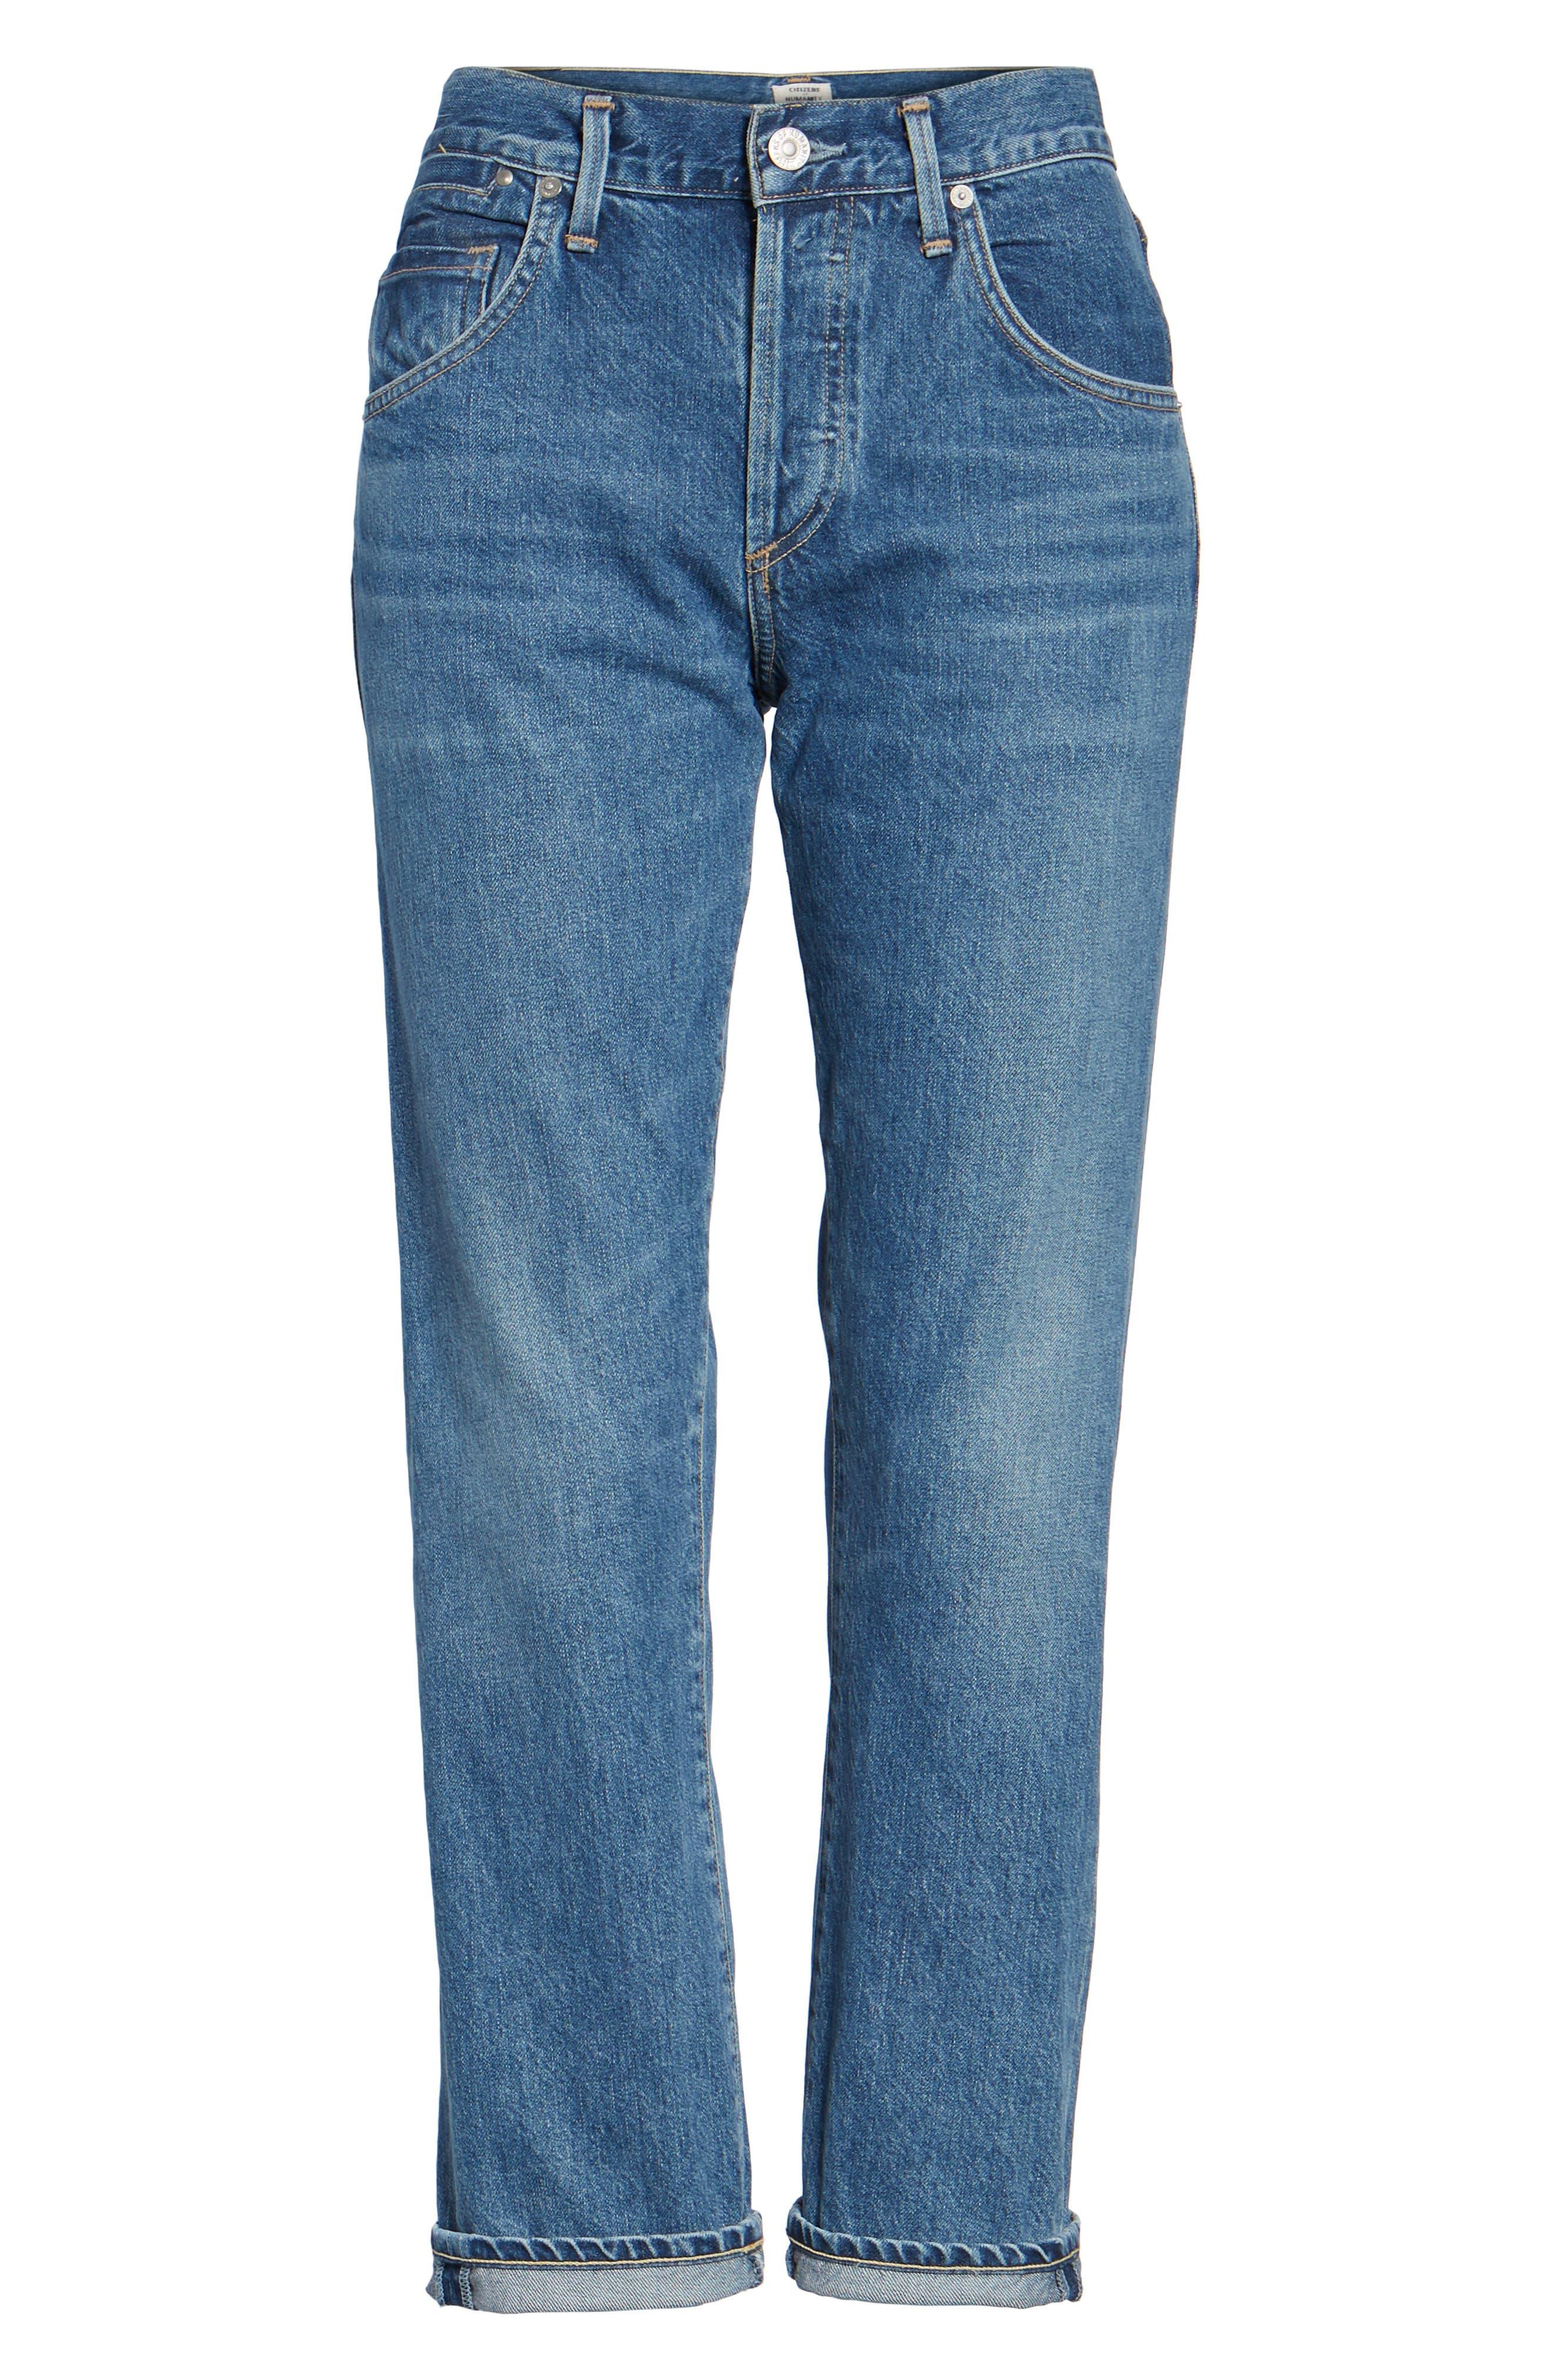 Emerson Slim Boyfriend Jeans,                             Alternate thumbnail 6, color,                             425